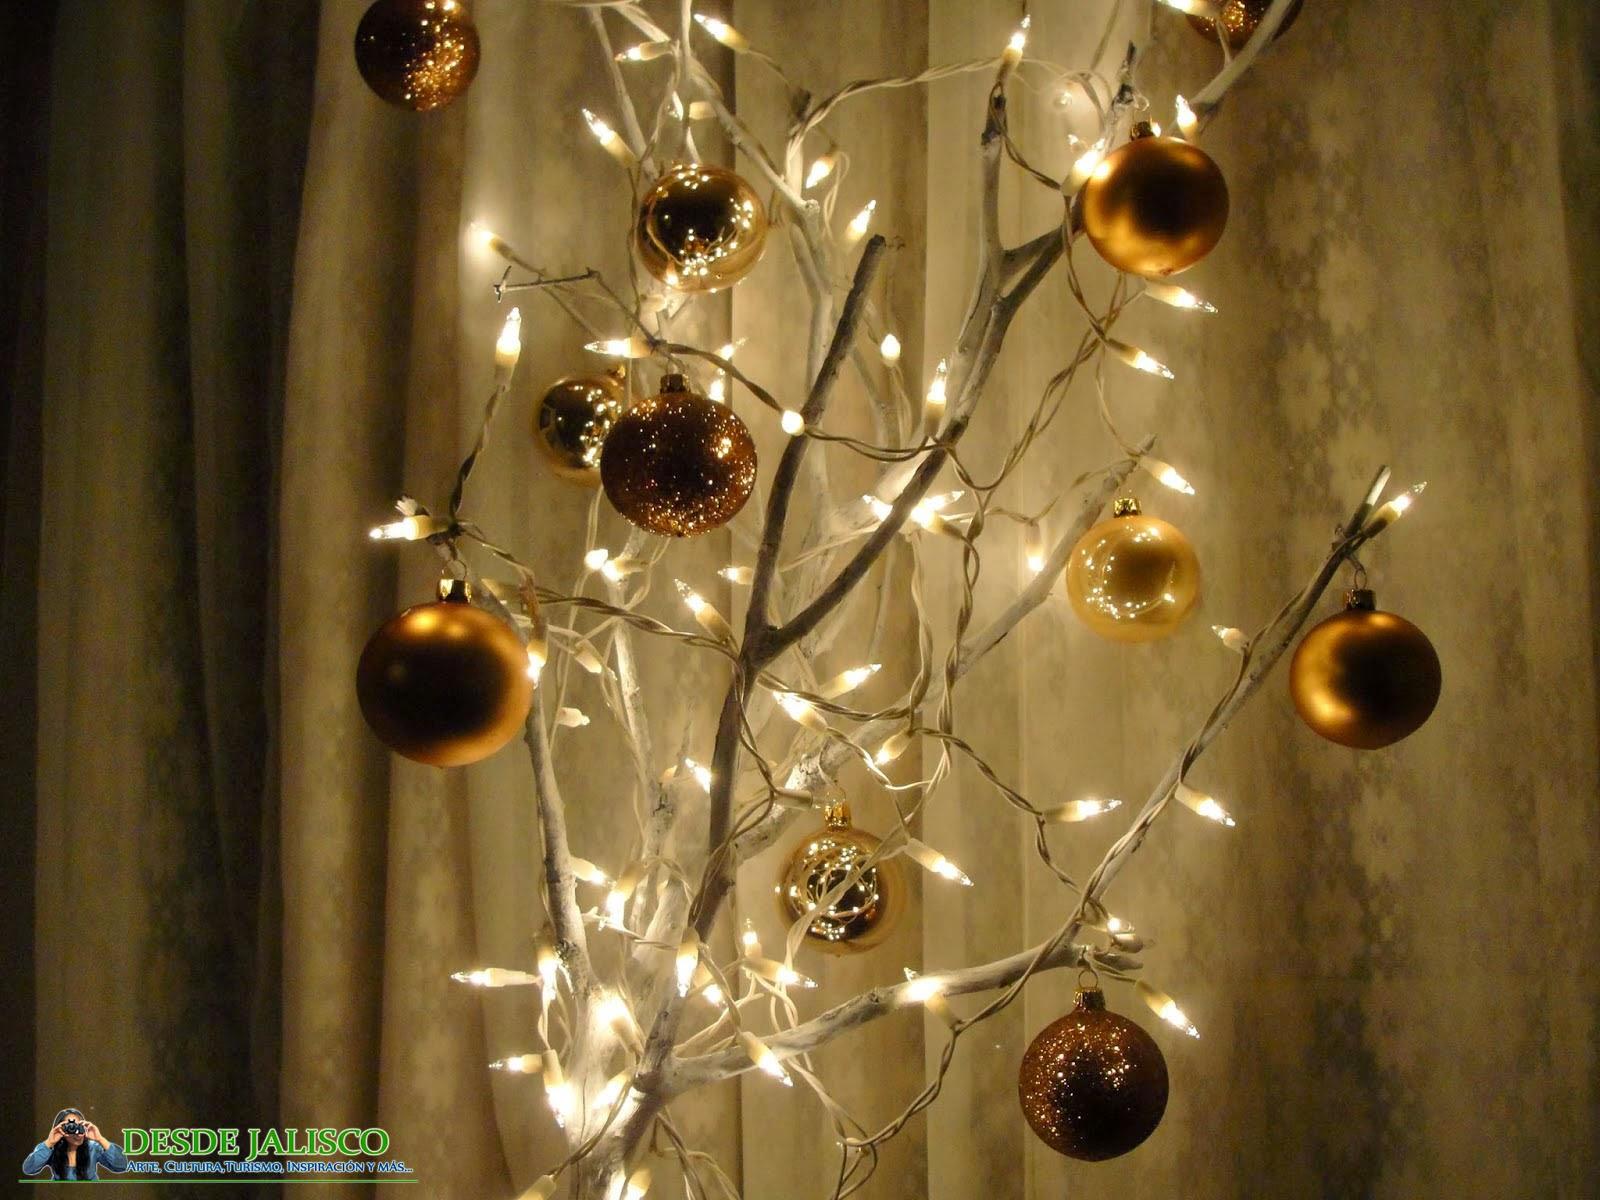 Rboles de navidad con ramas secas desde jalisco - Arbol de navidad con ramas ...